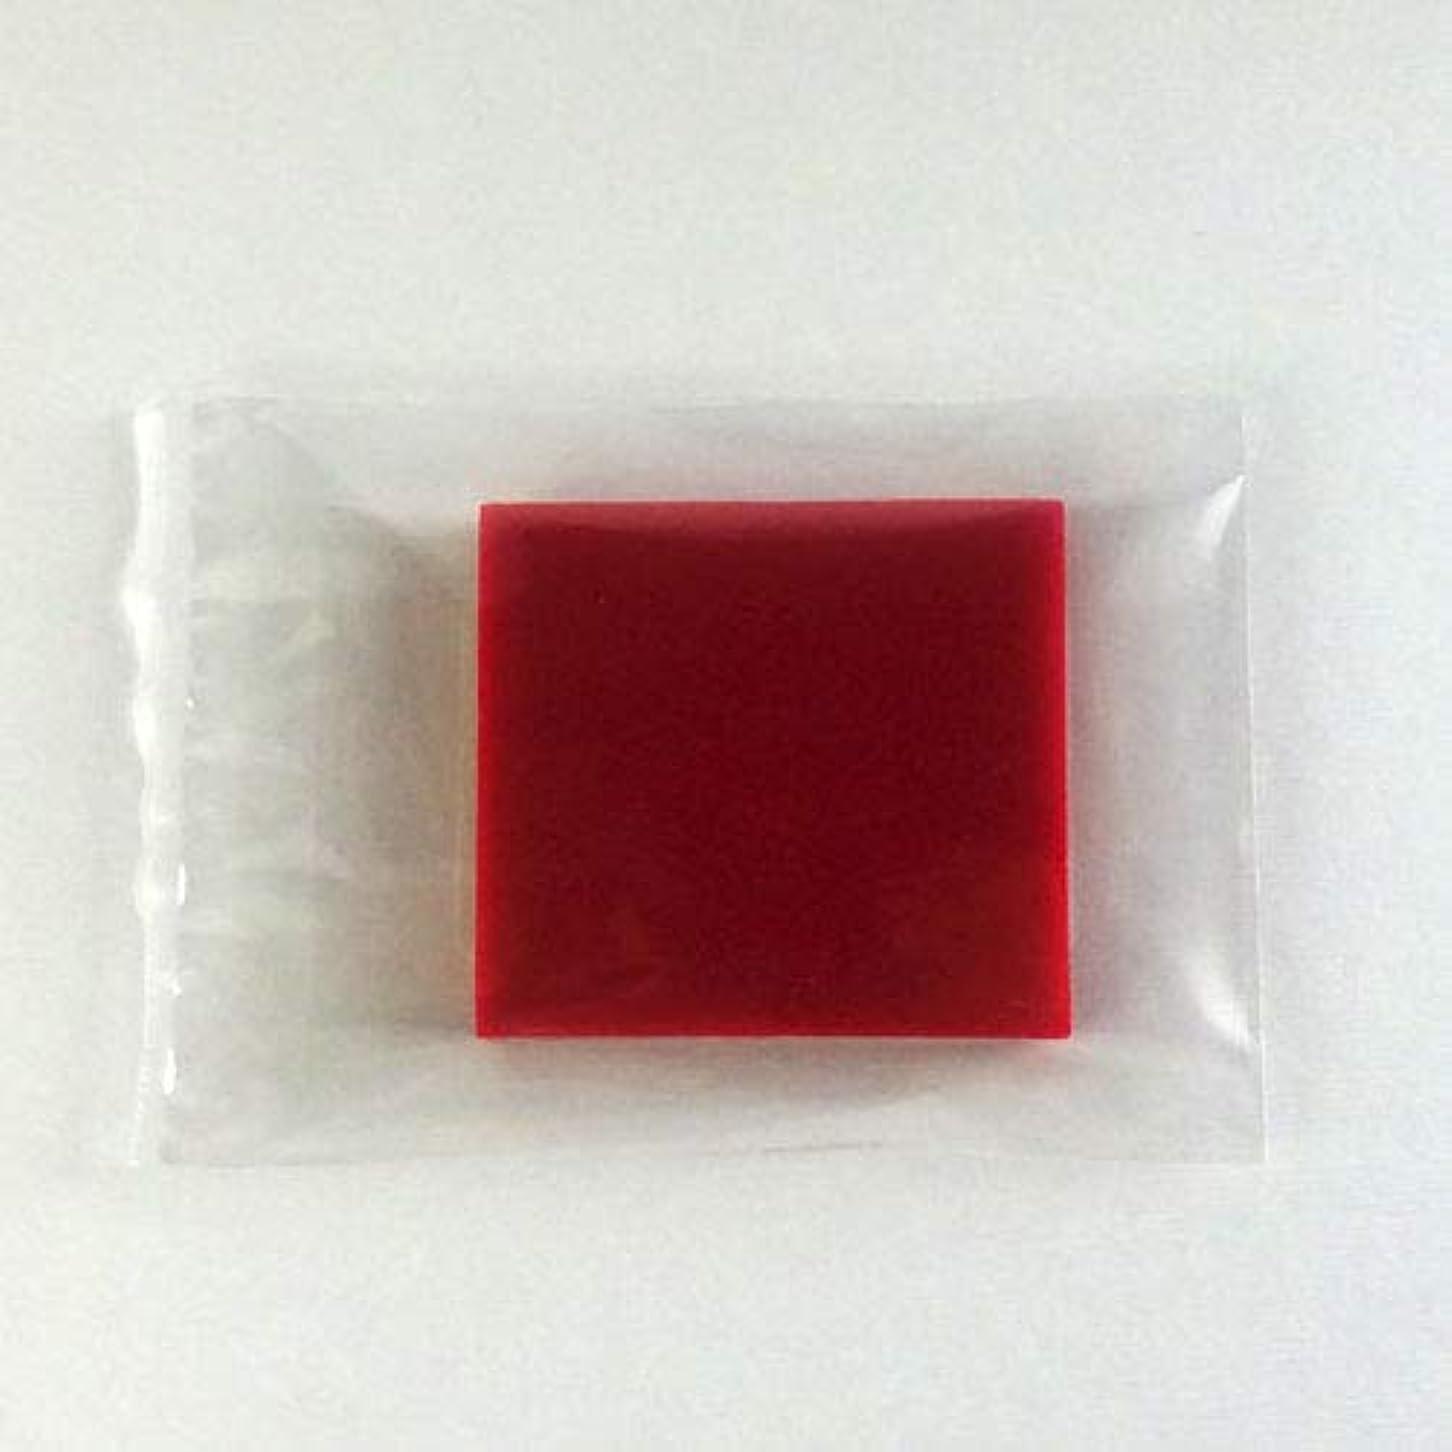 徐々にエジプトいちゃつくグリセリンソープ MPソープ 色チップ 赤(レッド) 60g(30g x 2pc)